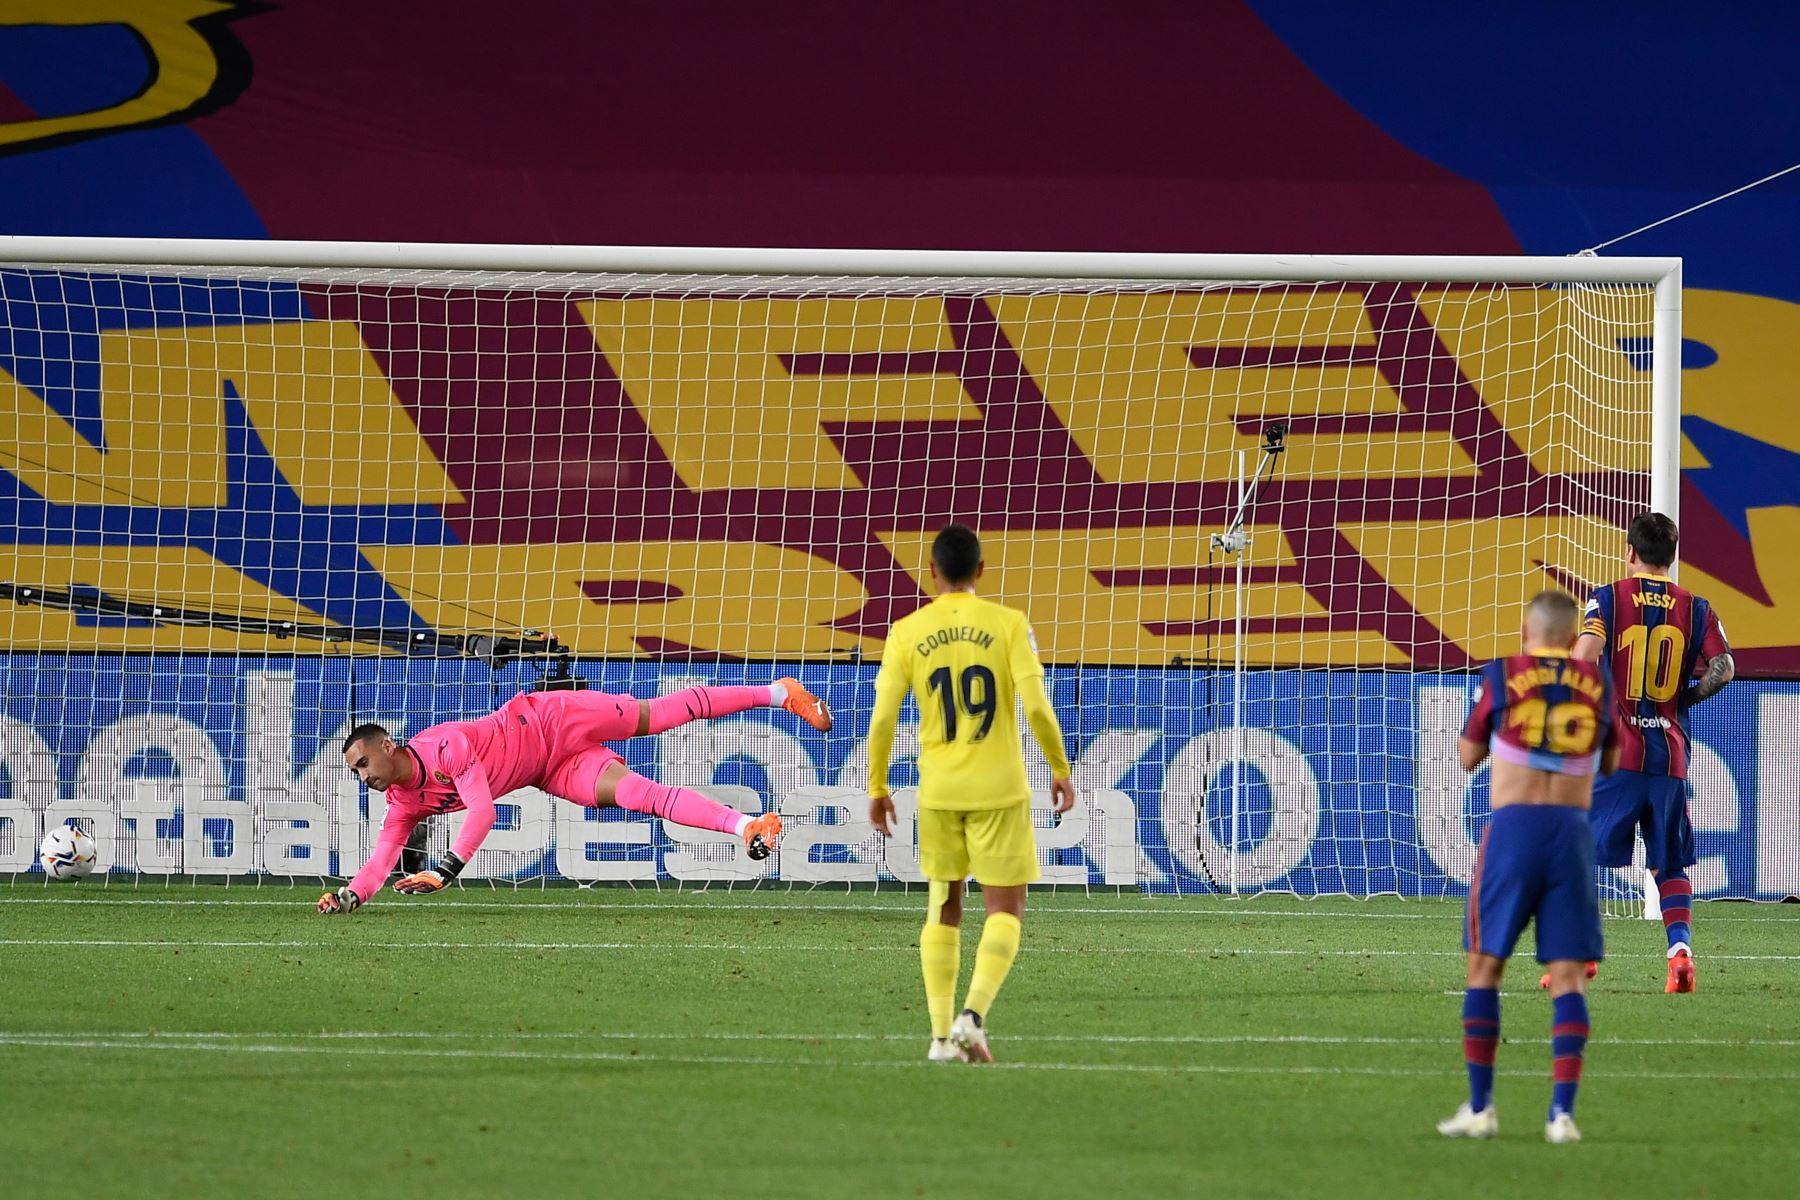 El delantero argentino del Barcelona Lionel Messi marca un penalti durante el partido de fútbol contra Villarreal por la liga española. Foto: AFP